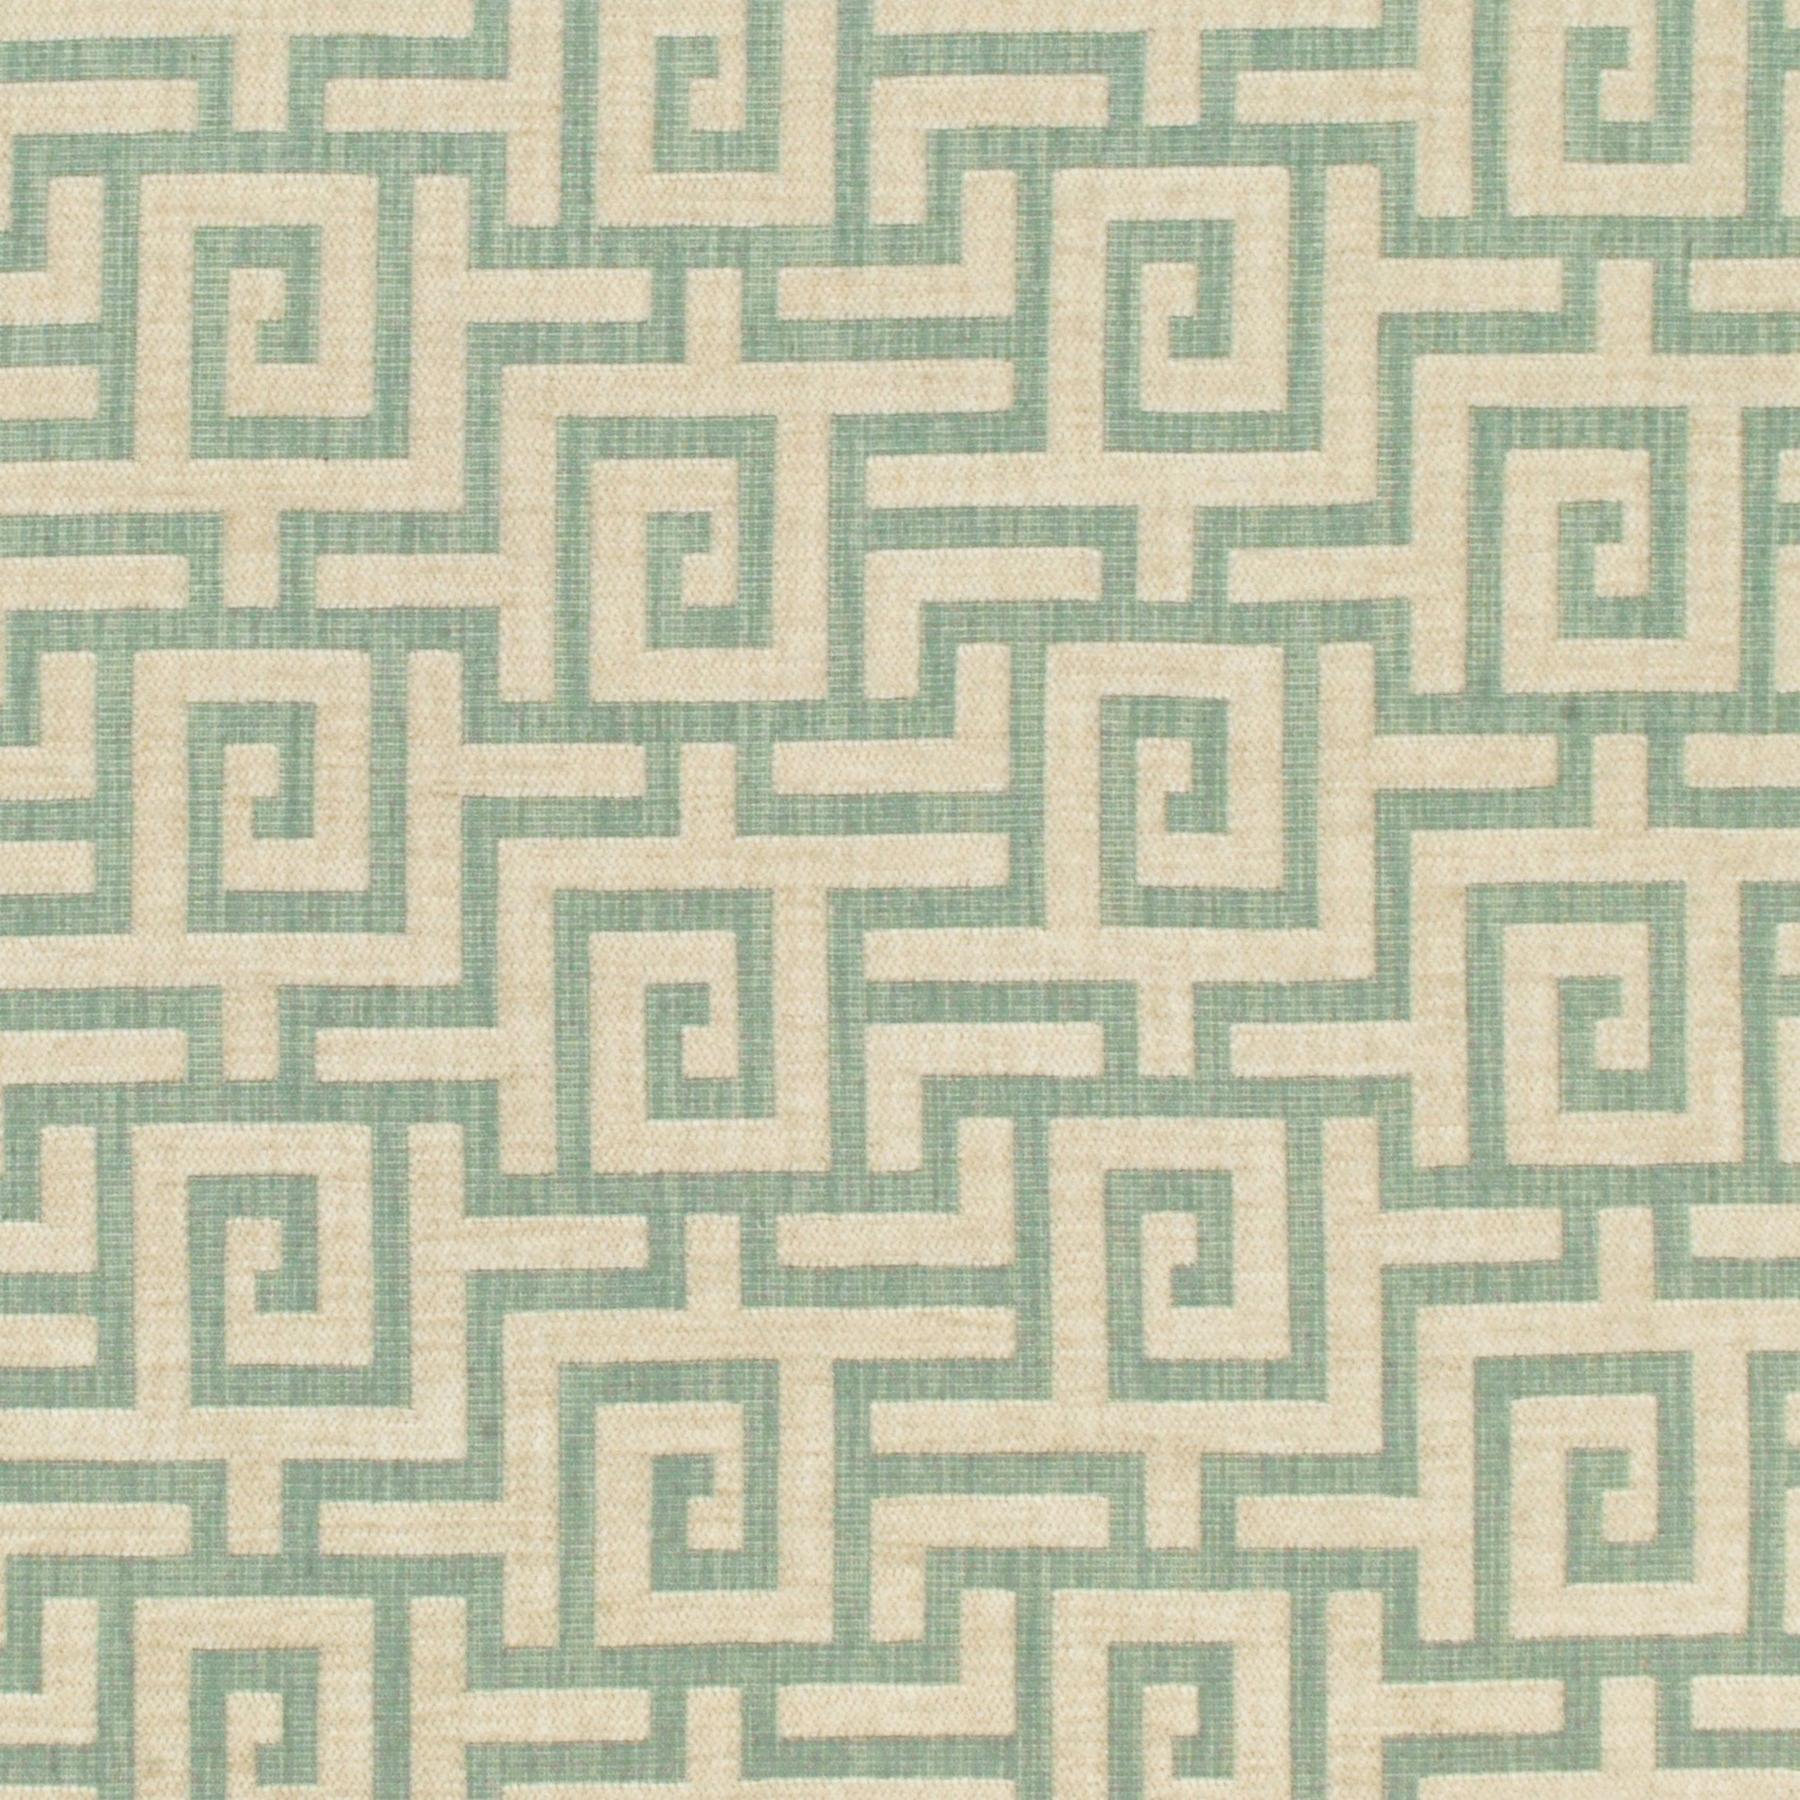 clarence house fabric daedalus aqua